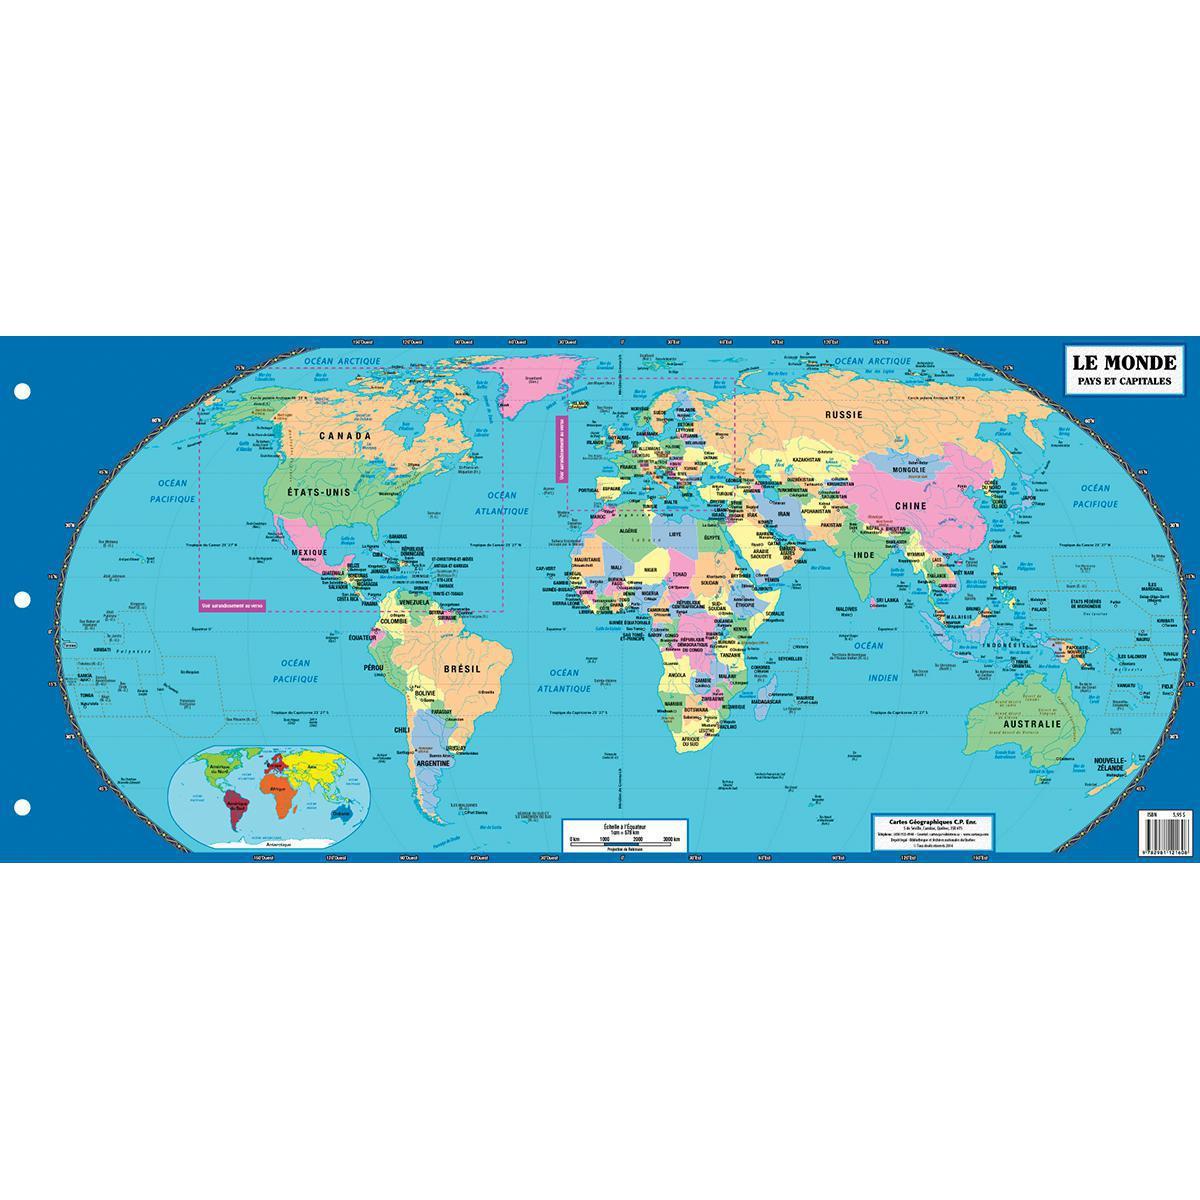 Le monde, pays et capitales